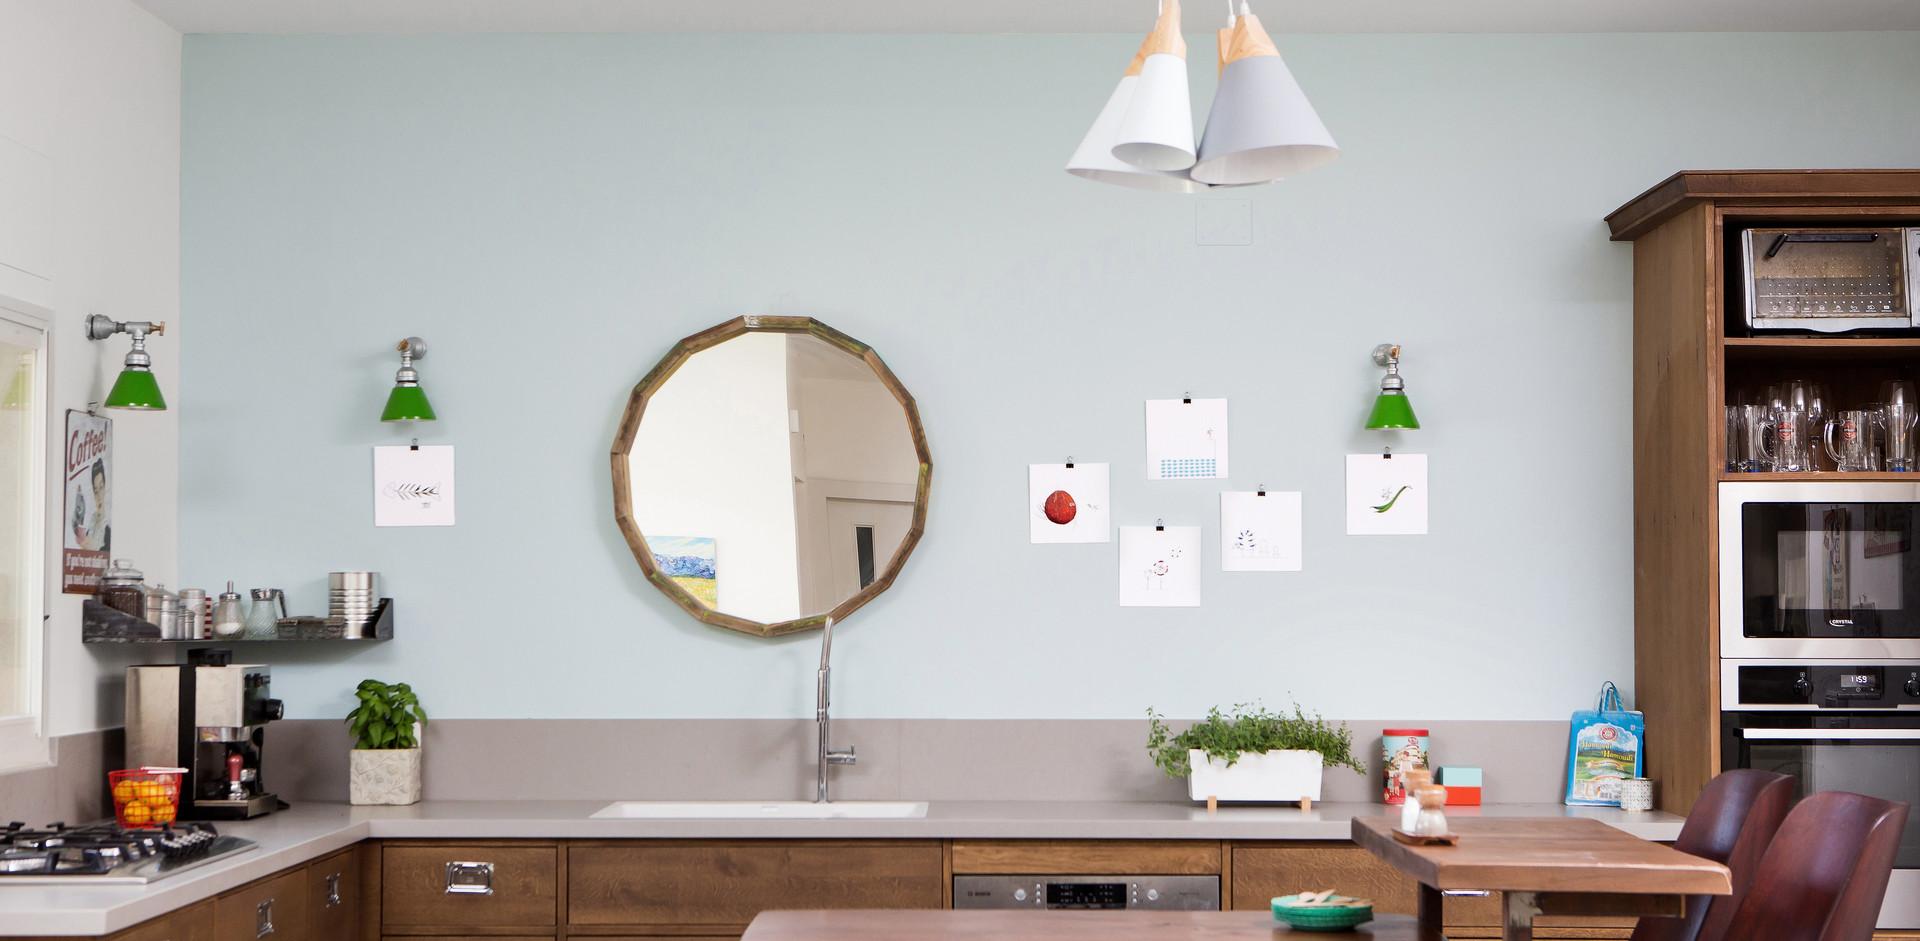 קיר ללא חלון זוכה לתשומת לב ייחודית עם מראה מעוגלת המכניסה את חלל הבית לעומד בגבו לחלל המרכזי